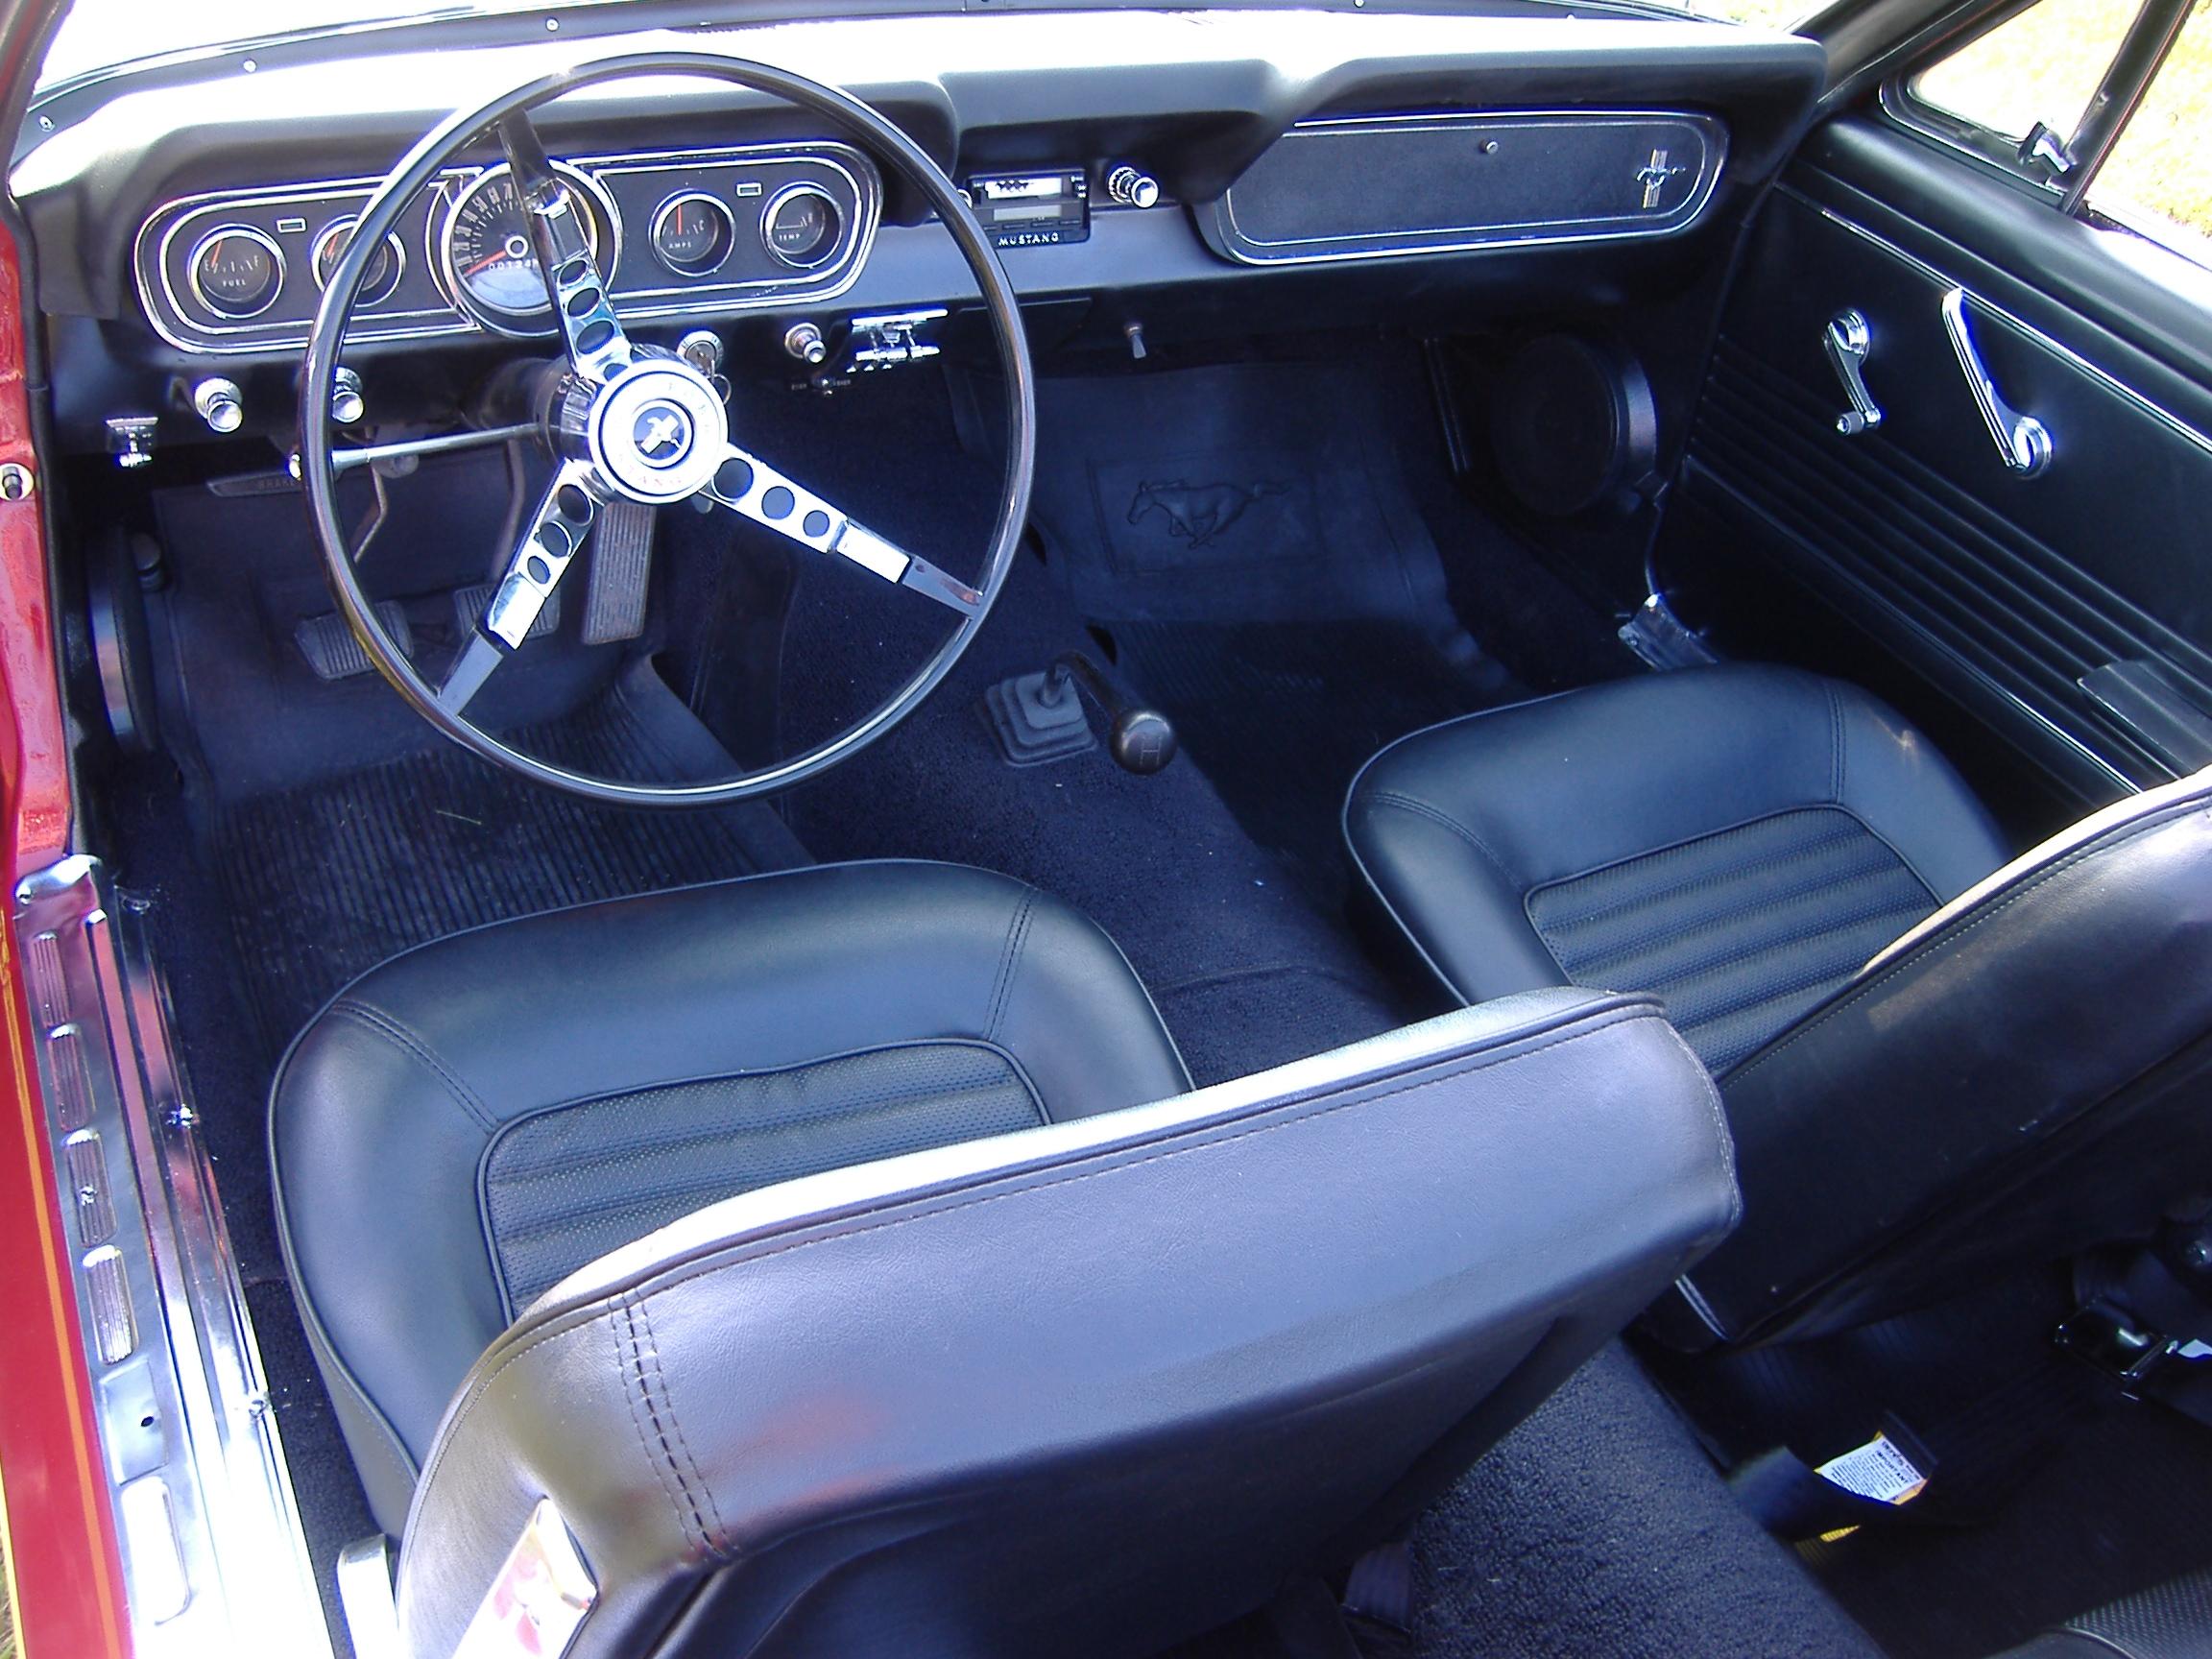 1966 Ford Mustang Interior Parts Photos